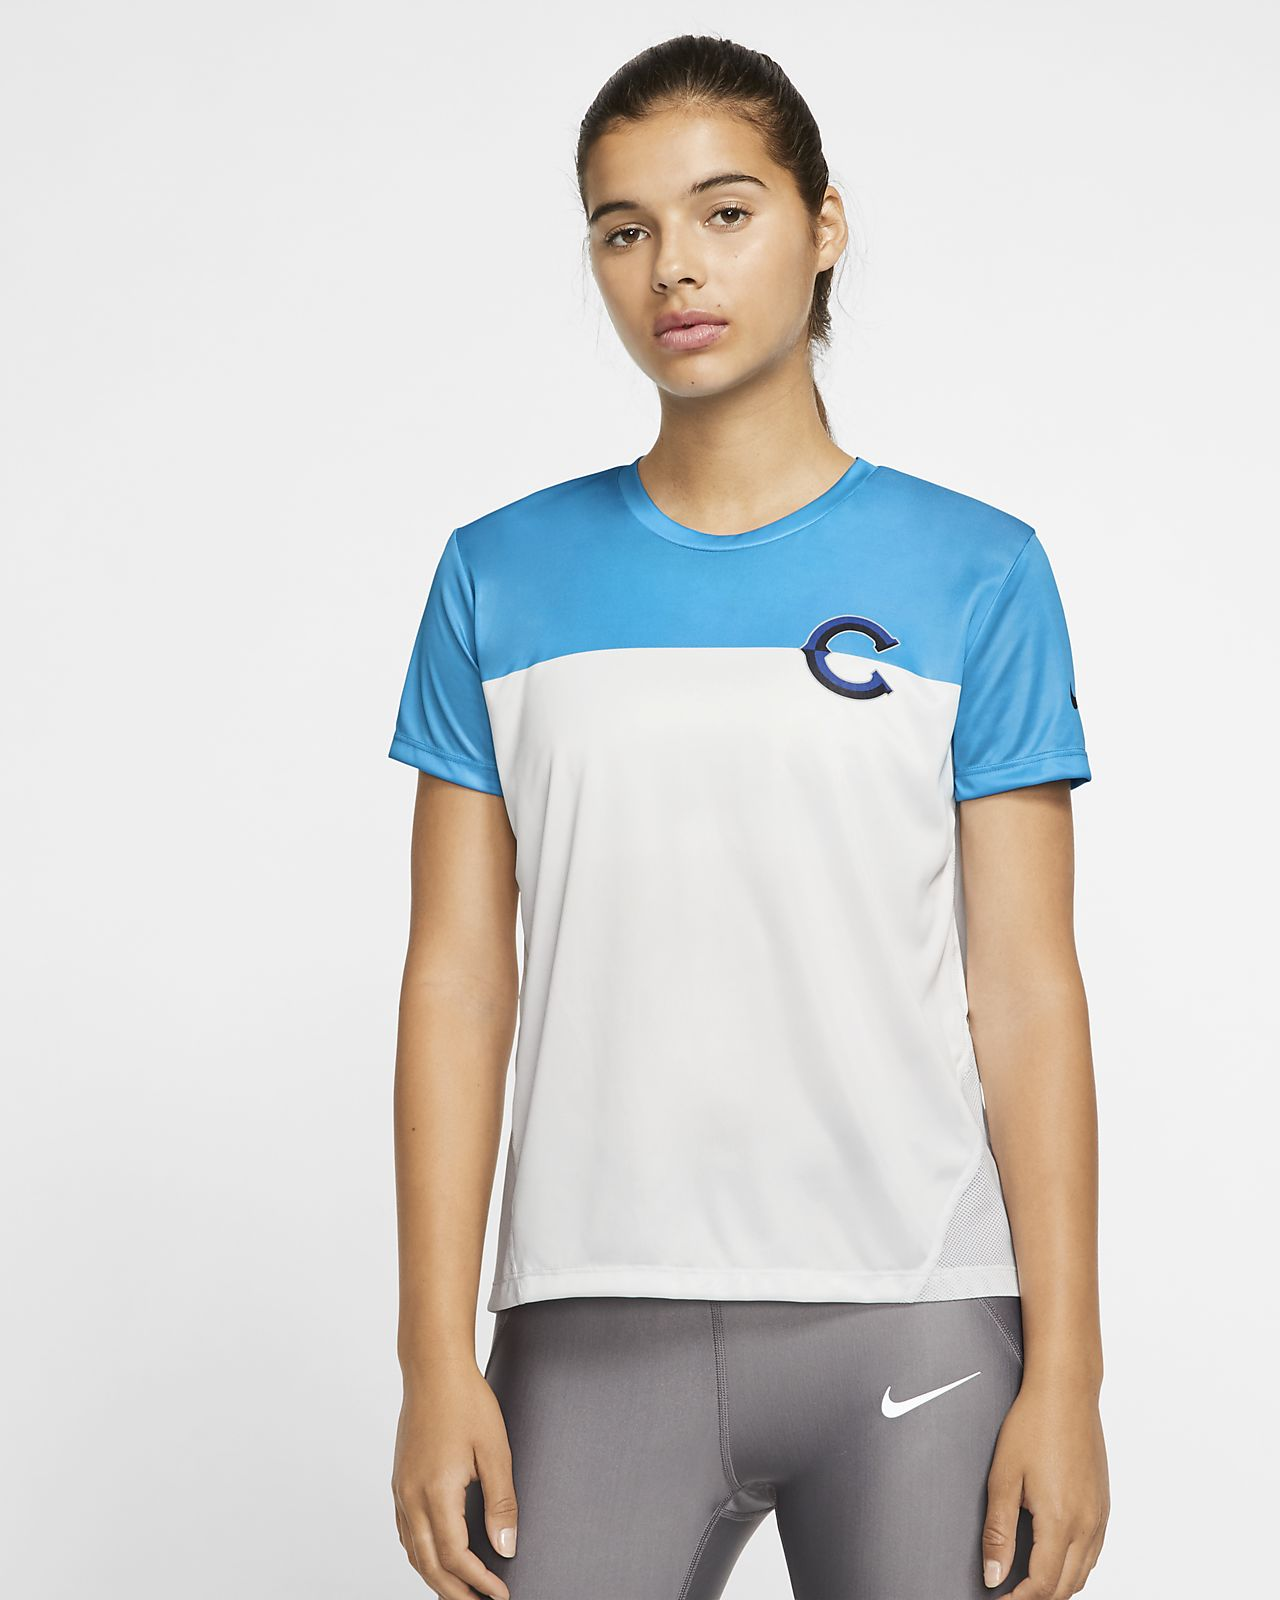 Nike Miler Chicago Women's Short-Sleeve Running Top